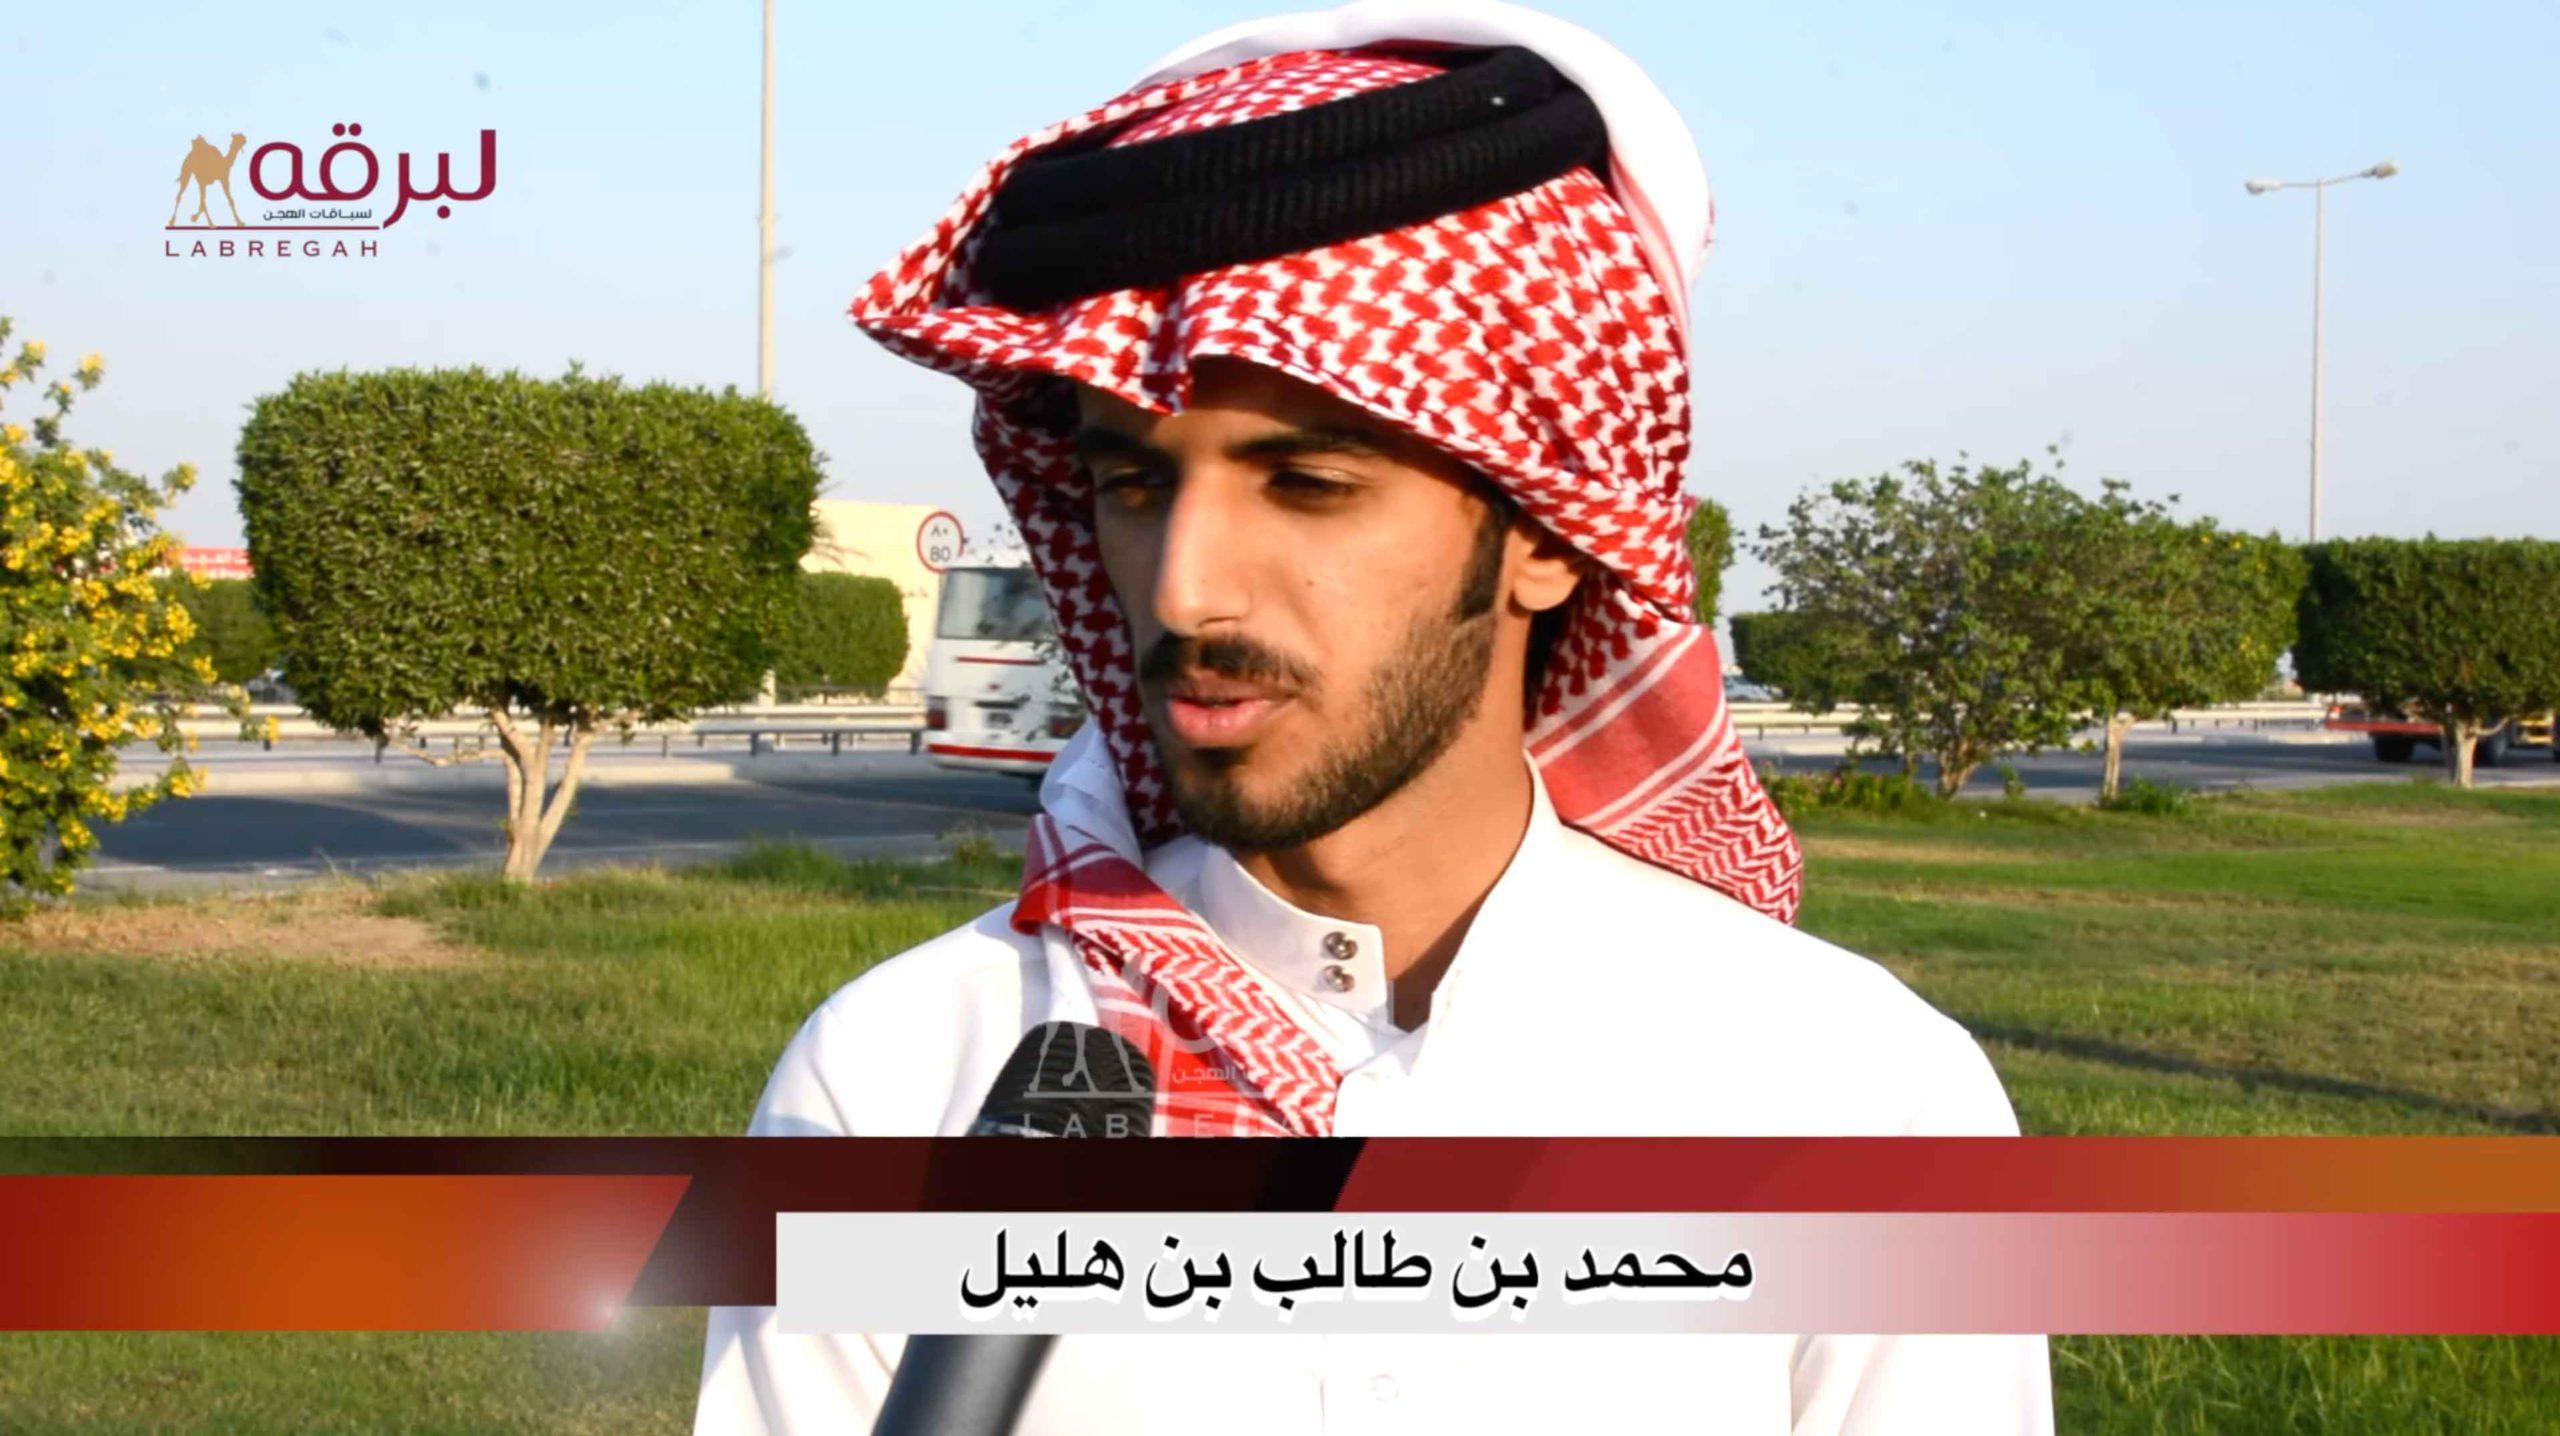 لقاء مع محمد بن طالب بن هليل.. الشوط الرئيسي للقايا بكار إنتاج الأشواط العامة  ٦-١١-٢٠٢٠